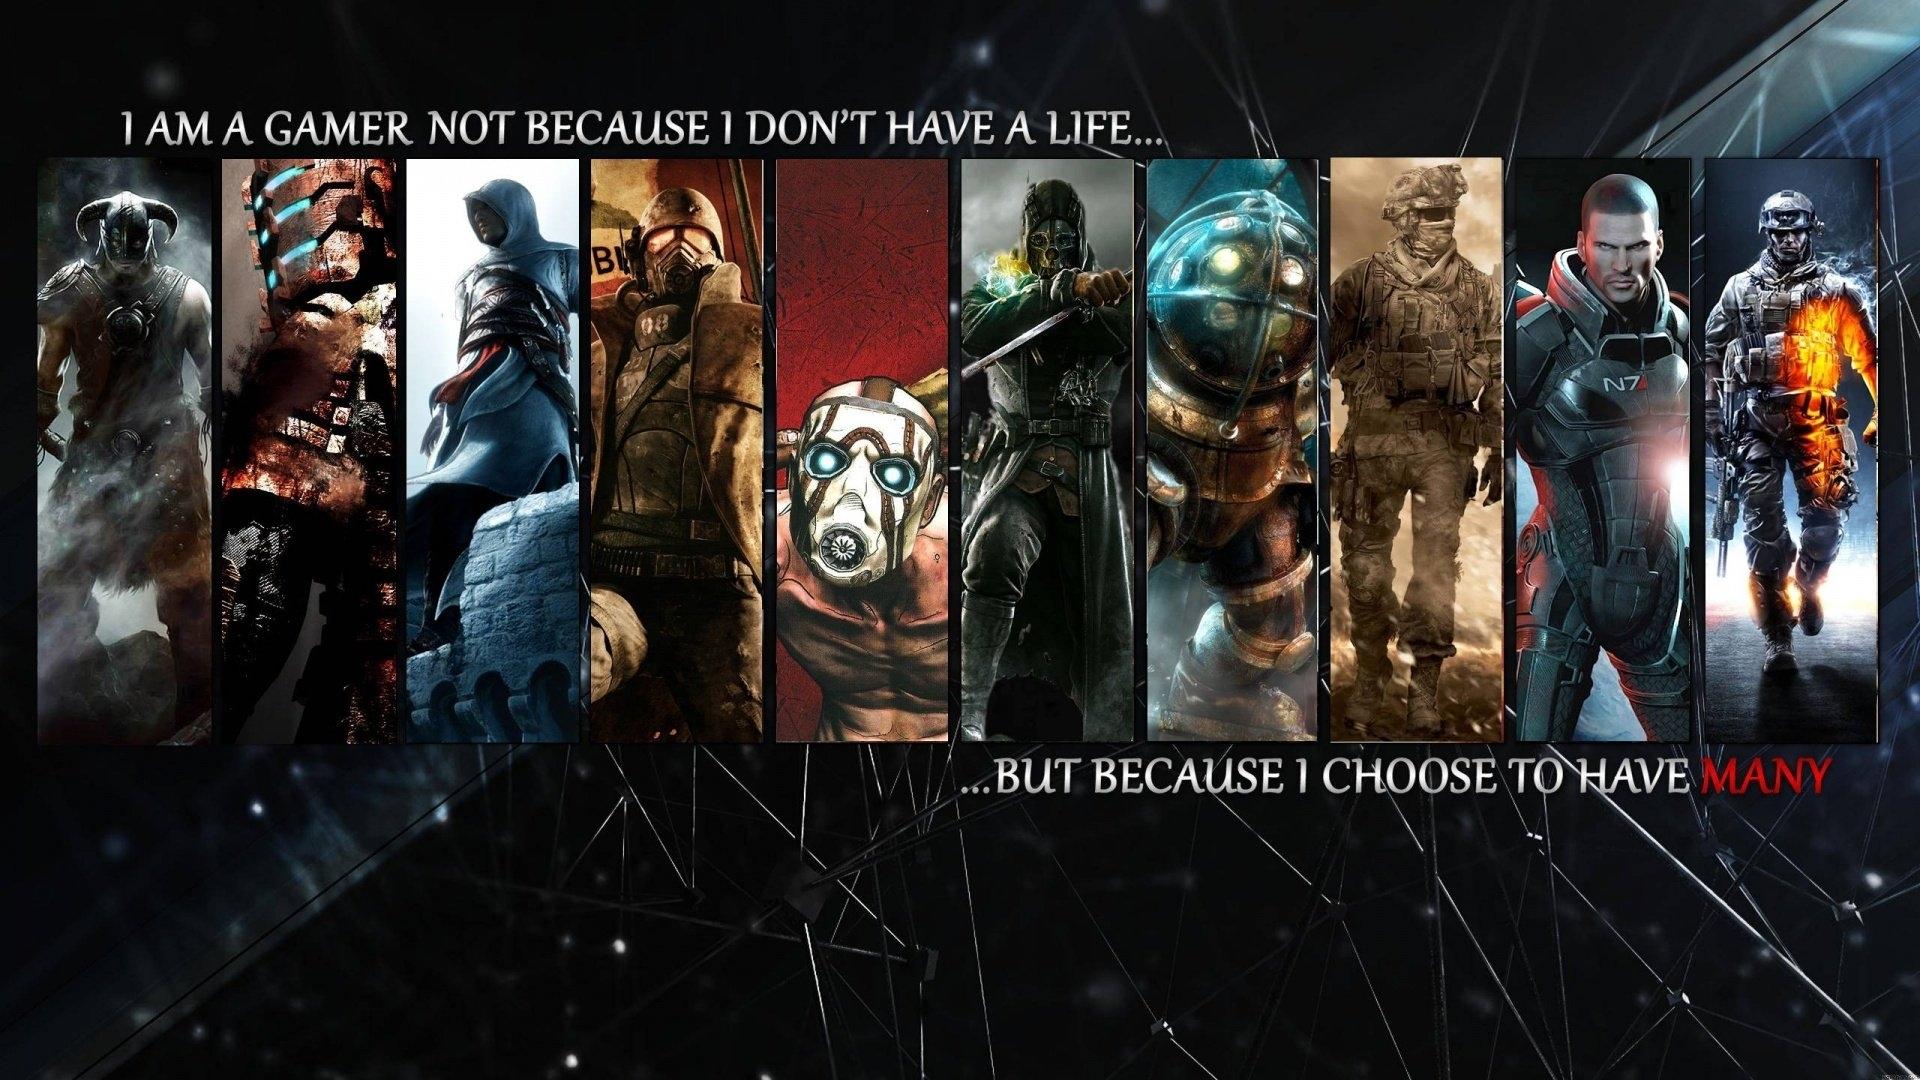 i m a gamer - walldevil